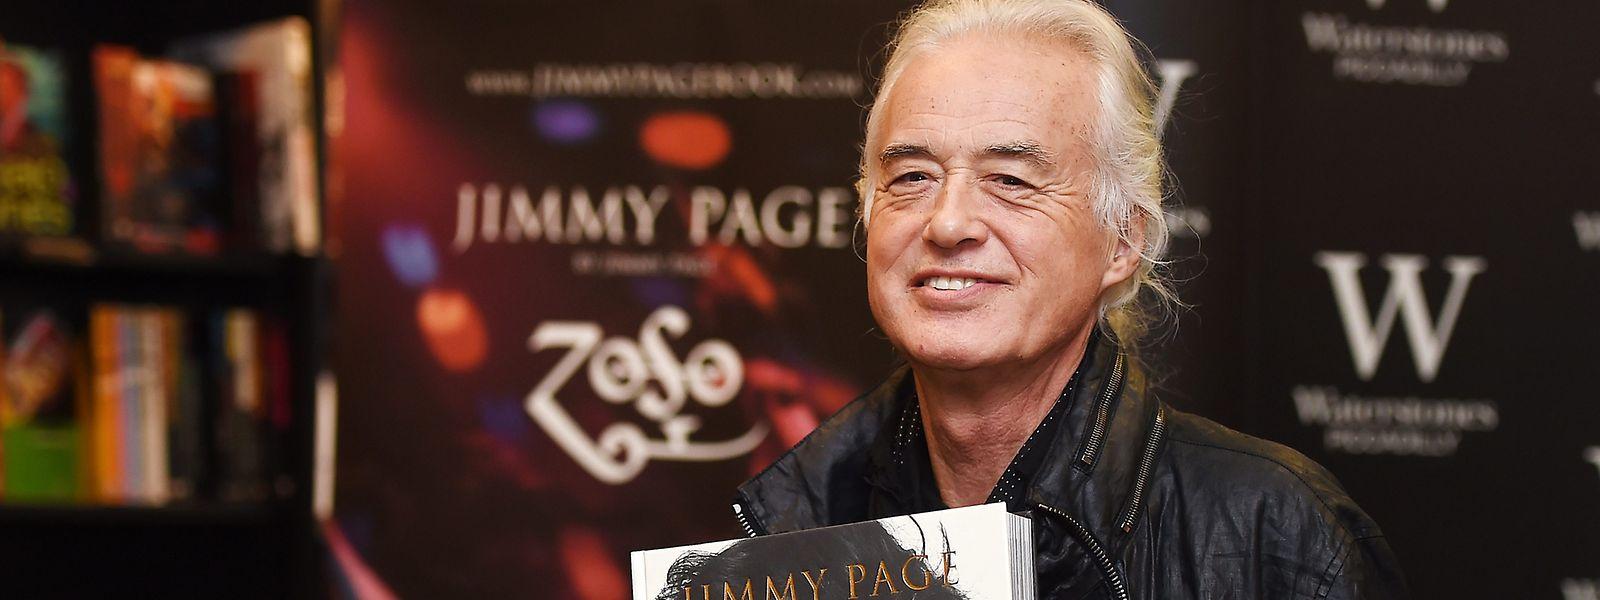 """Jimmy Page, britischer Gitarrist und Gründer von Led Zeppelin, bei der Vorstellung seines Buches """"Jimmy Page - Zoso""""."""